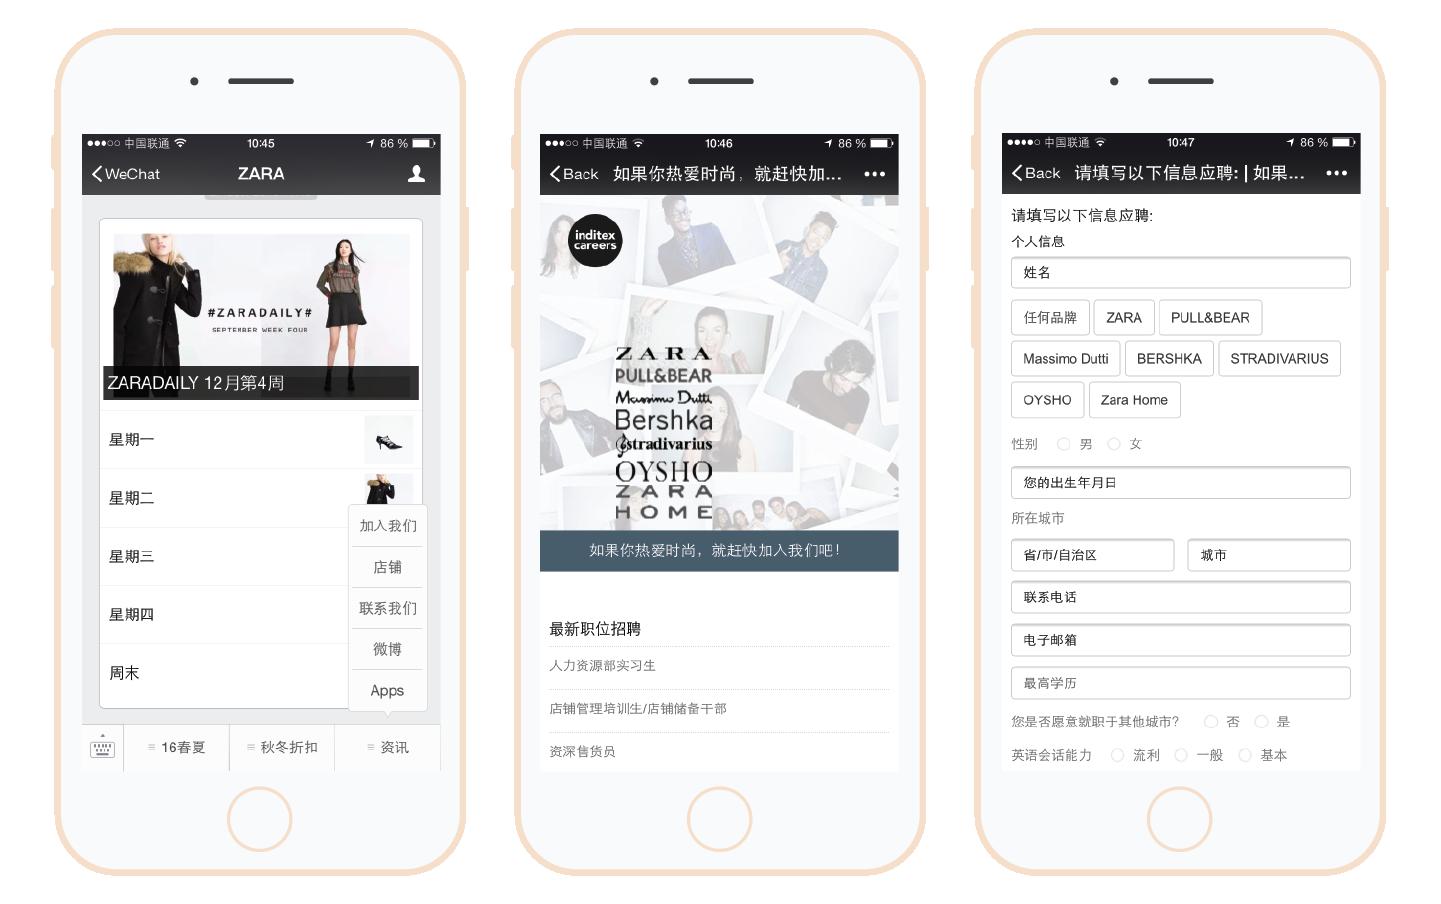 Zara WeChat account